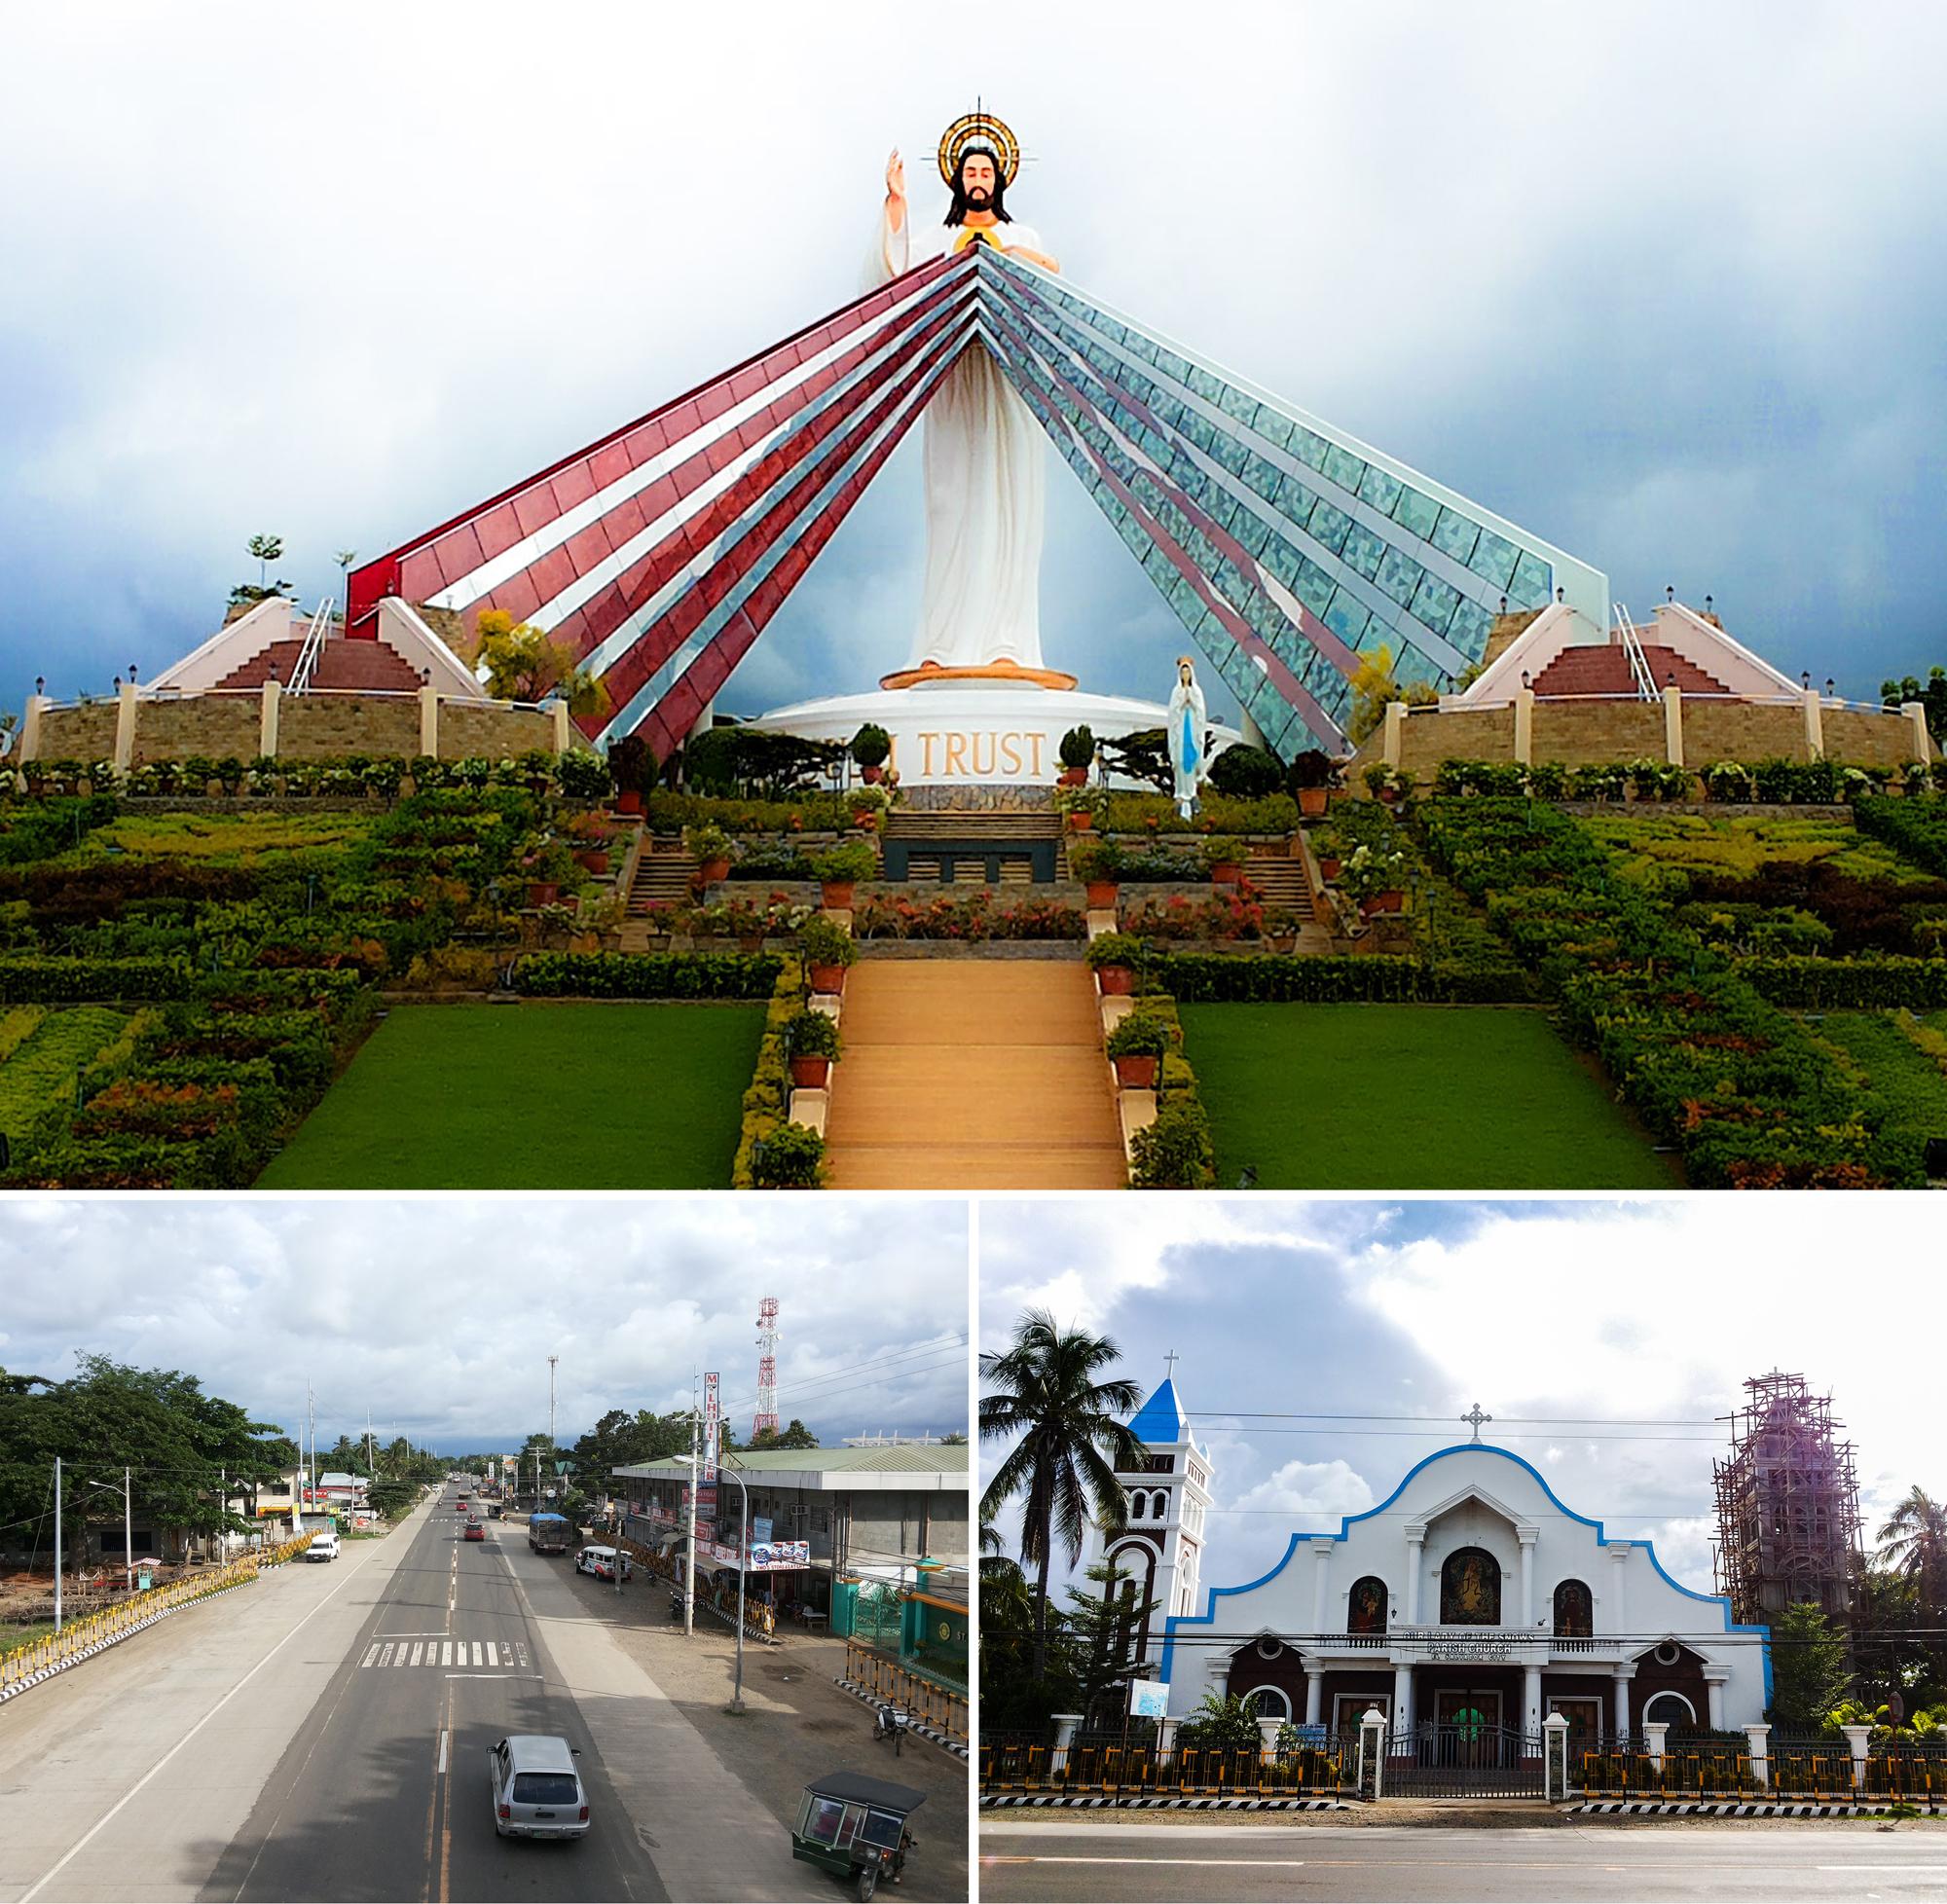 Cagayan de oro dating places